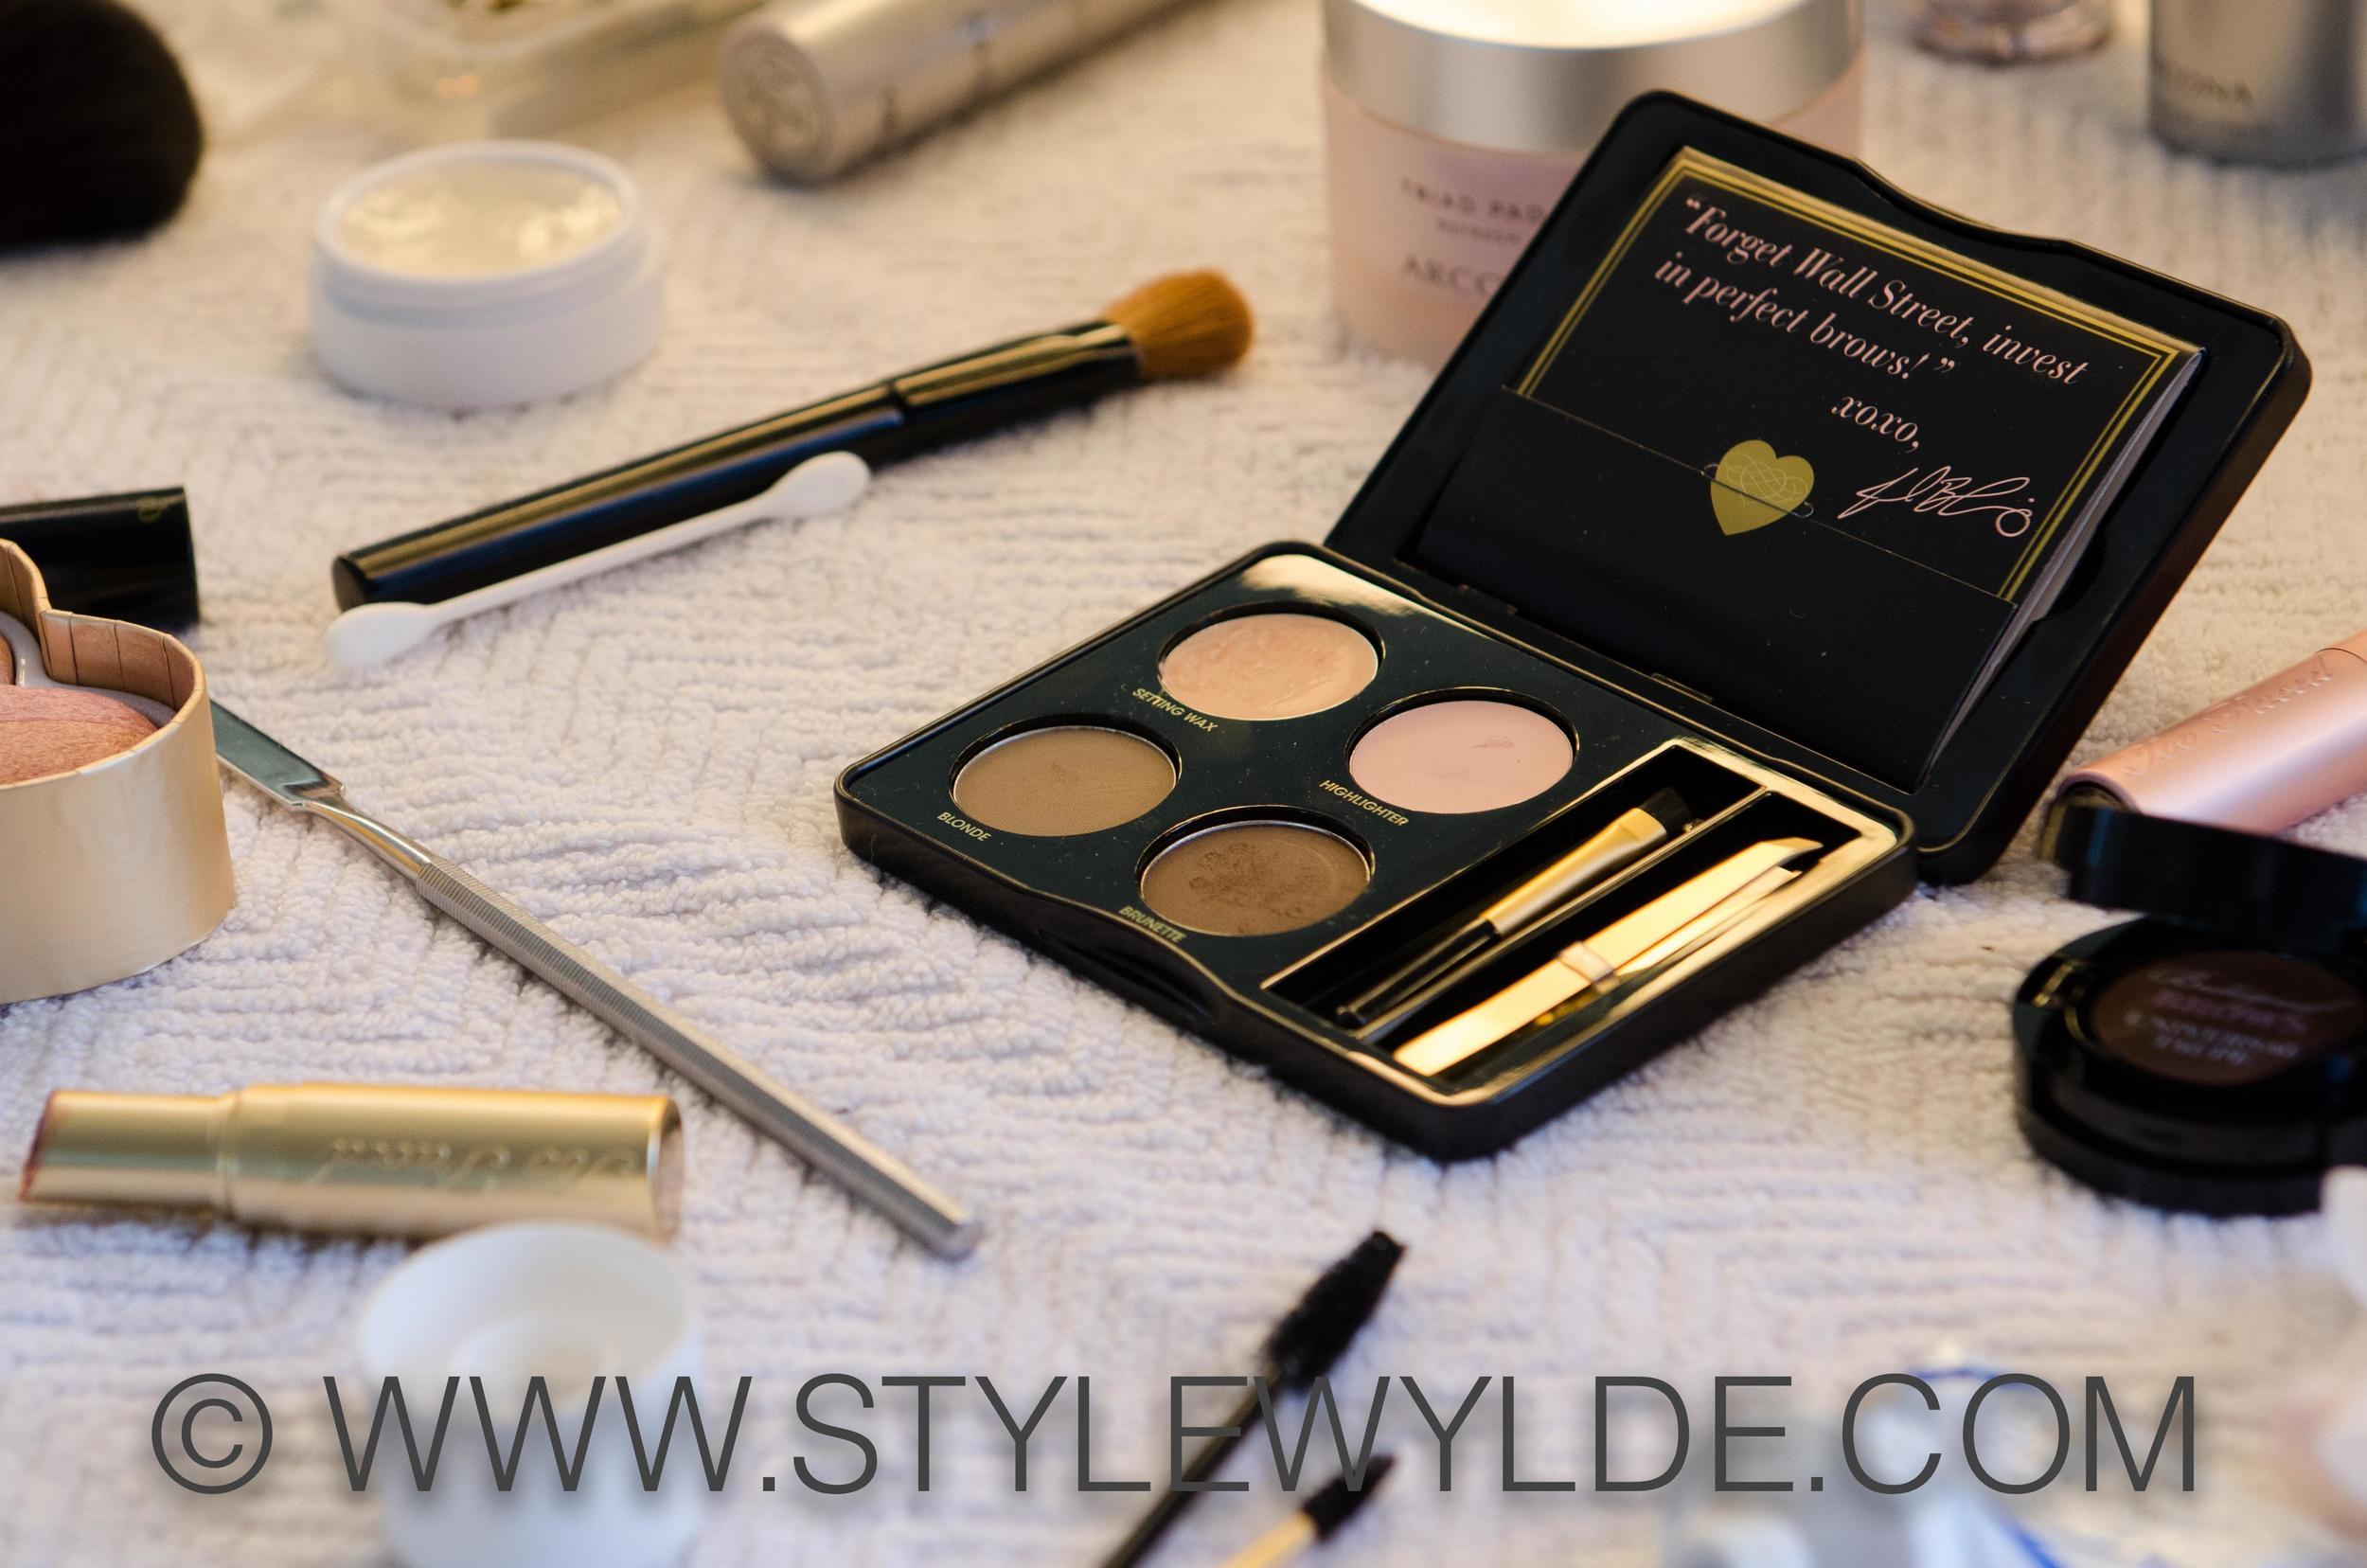 StyleWylde_Creatures_Bkstg_SS15 (7 of 20).jpg